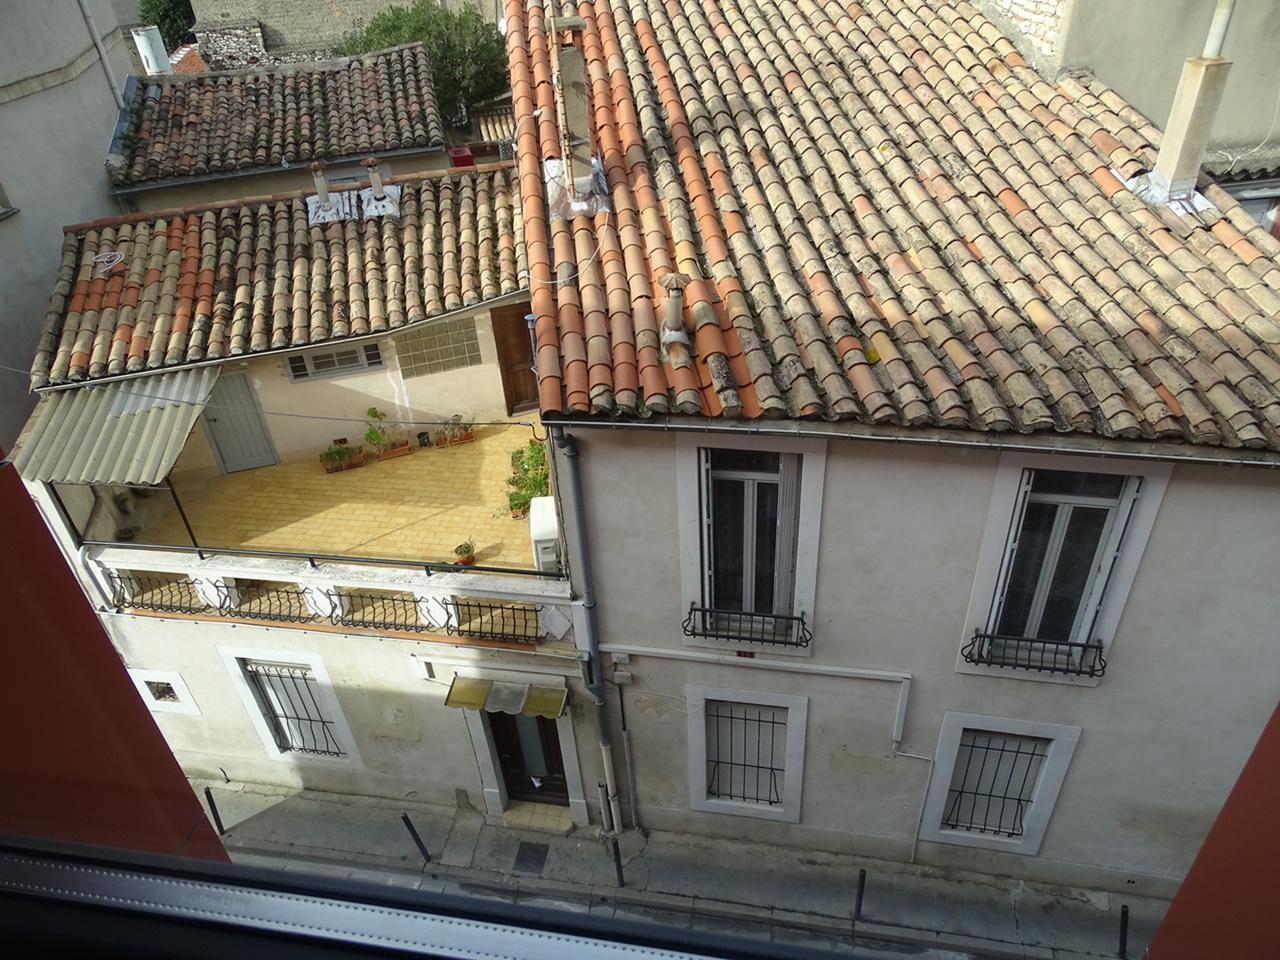 Achat maison centre ville nimes ventana blog for Achat maison nimes